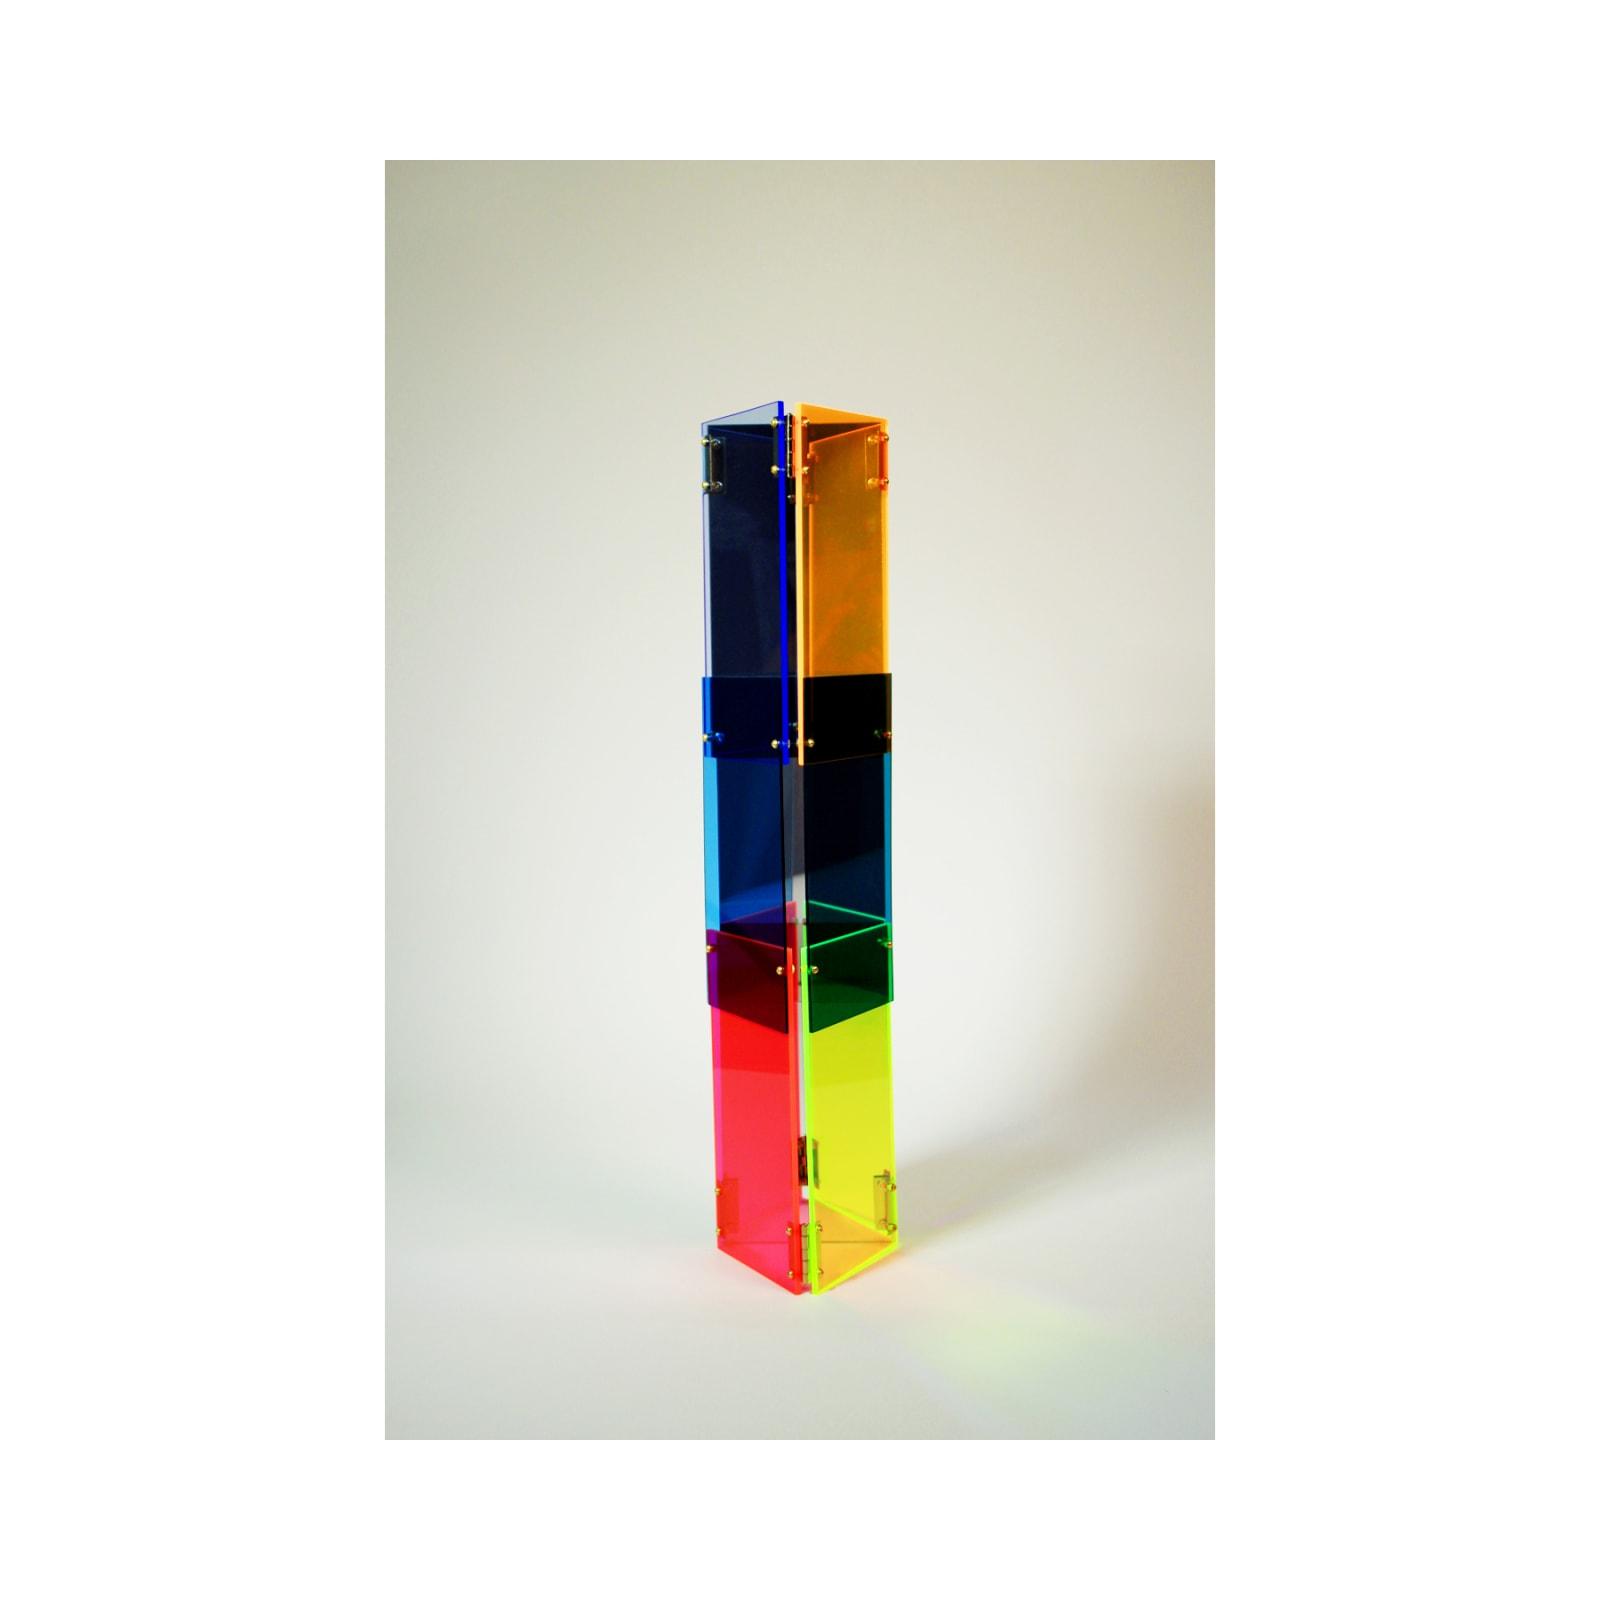 Anne Katrine Senstad  Babel 07, 2020  Lucite/Plexiglas, mirrors, brass door hinges, brass screws, bolts and washers  30 x 7 x 8 in  76.2 x 17.8 x 20.3 cm